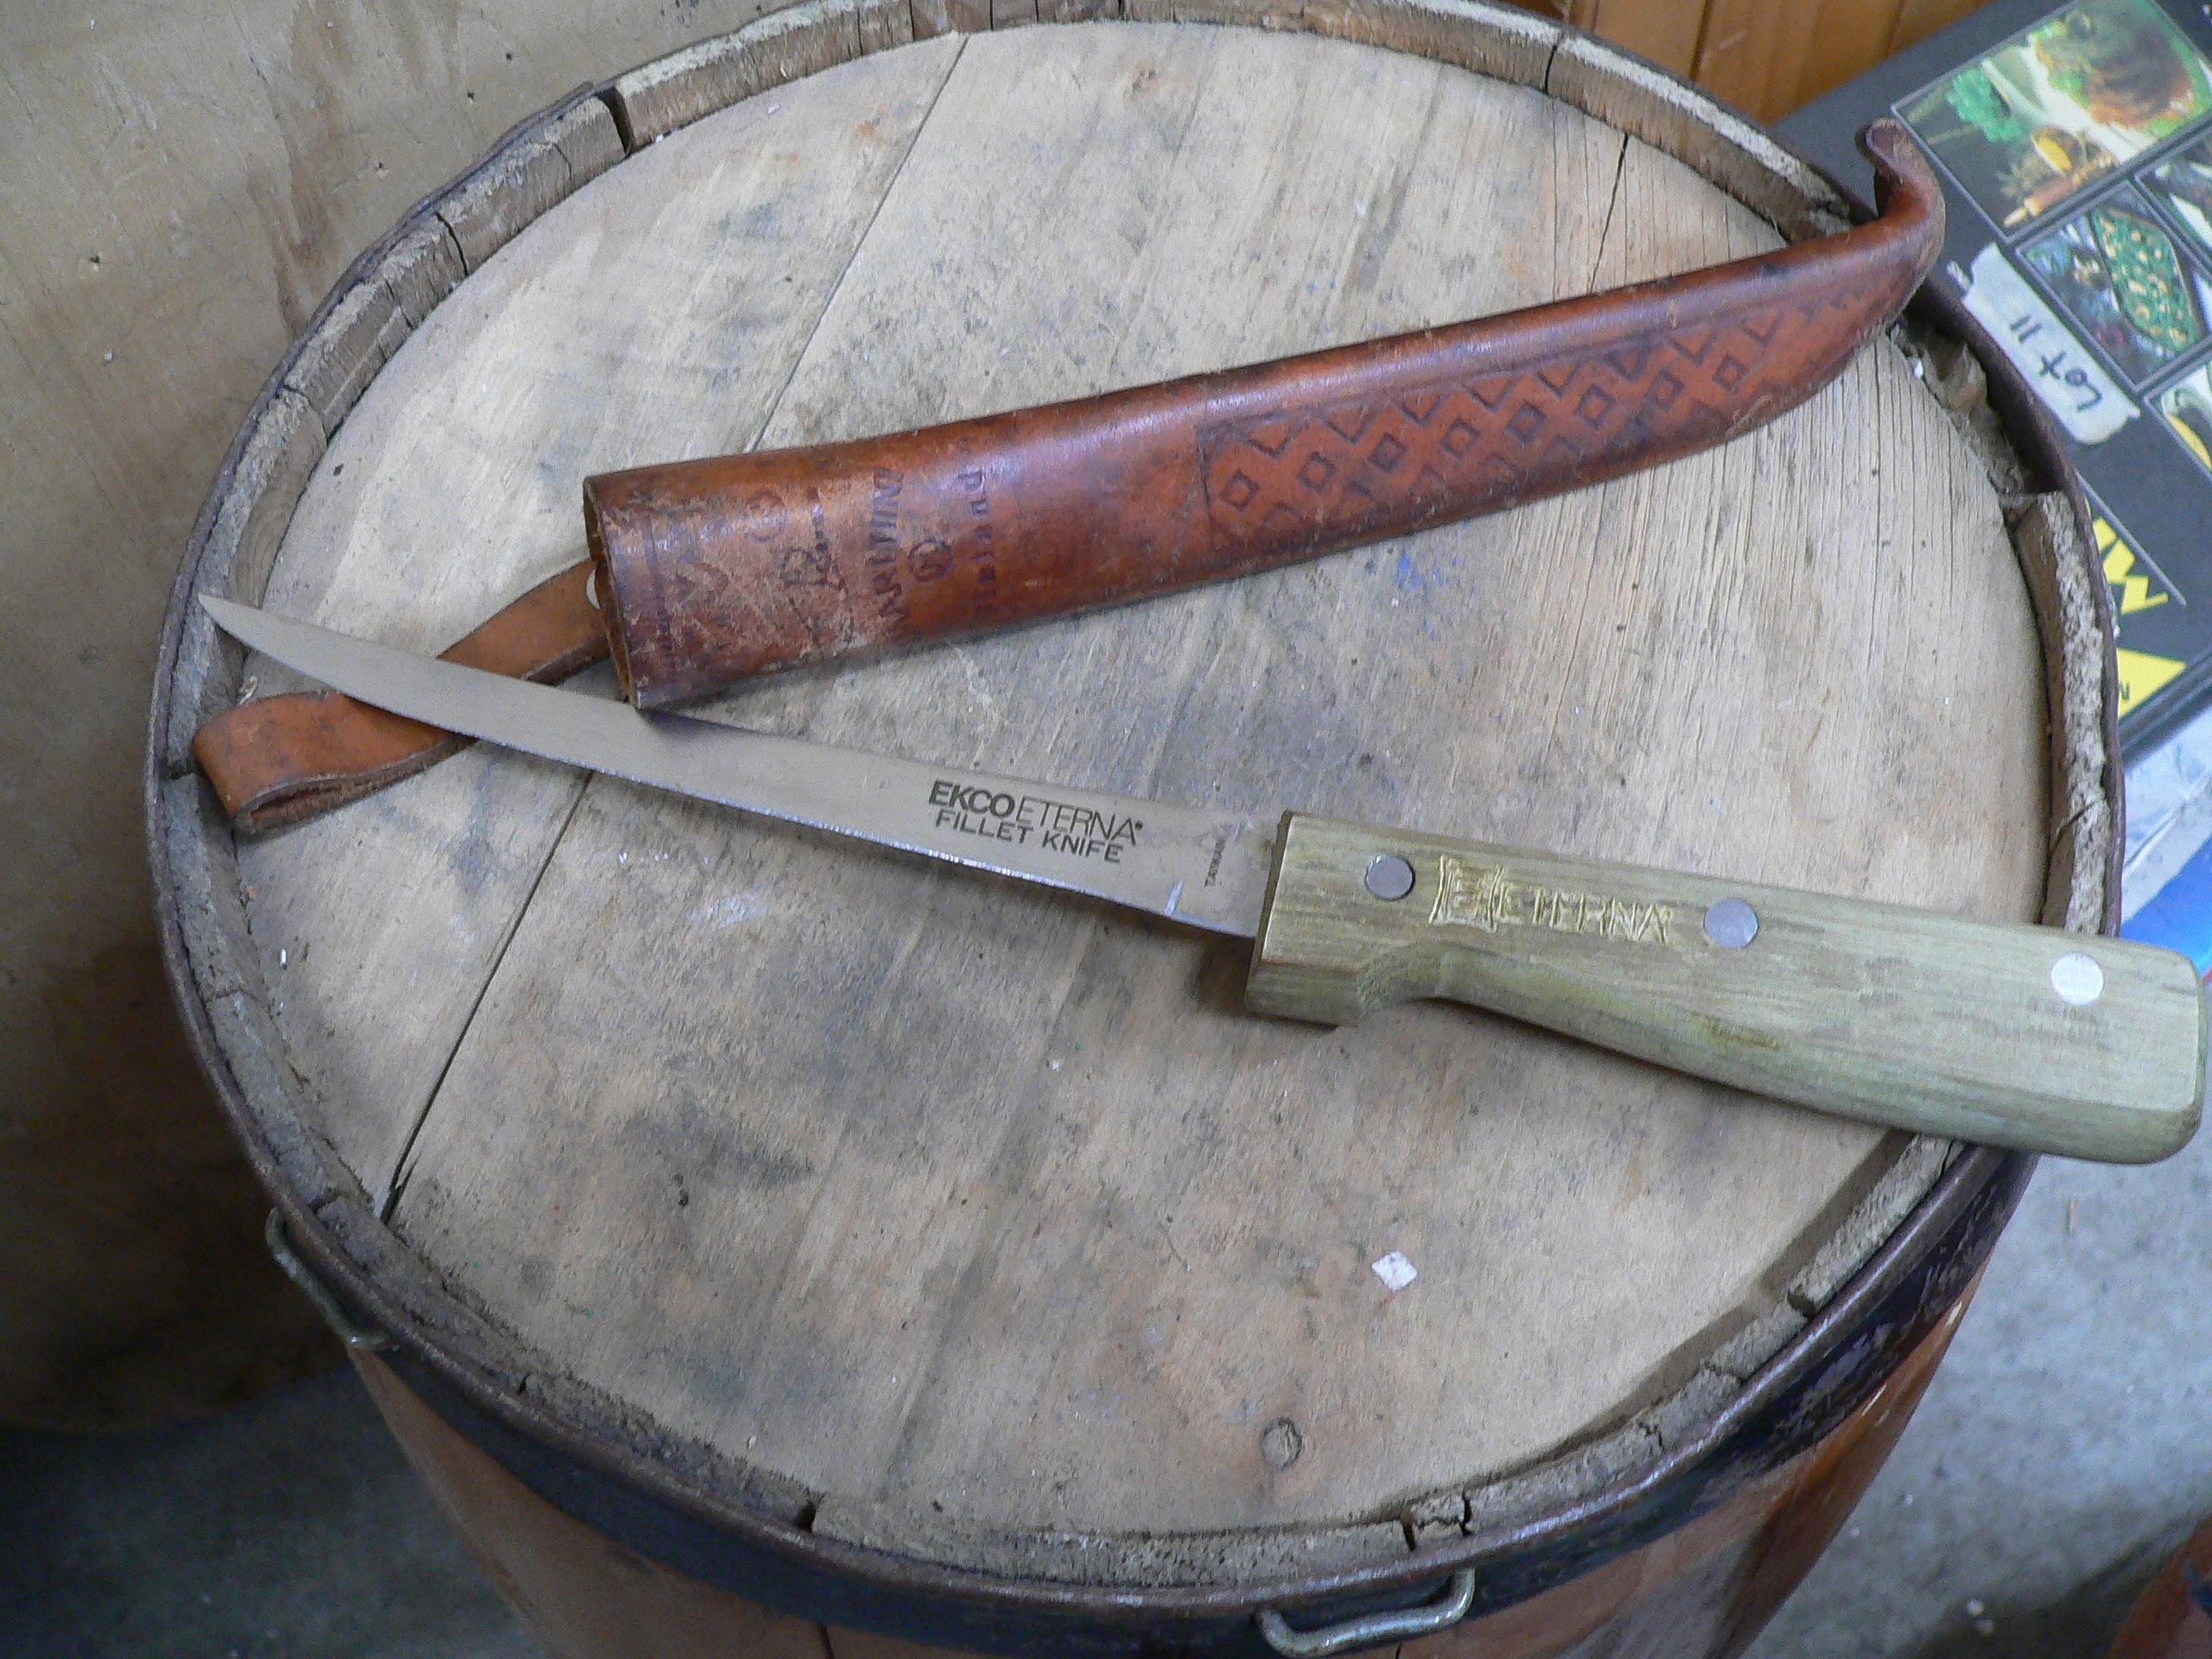 Couteau a filet # 5454.8